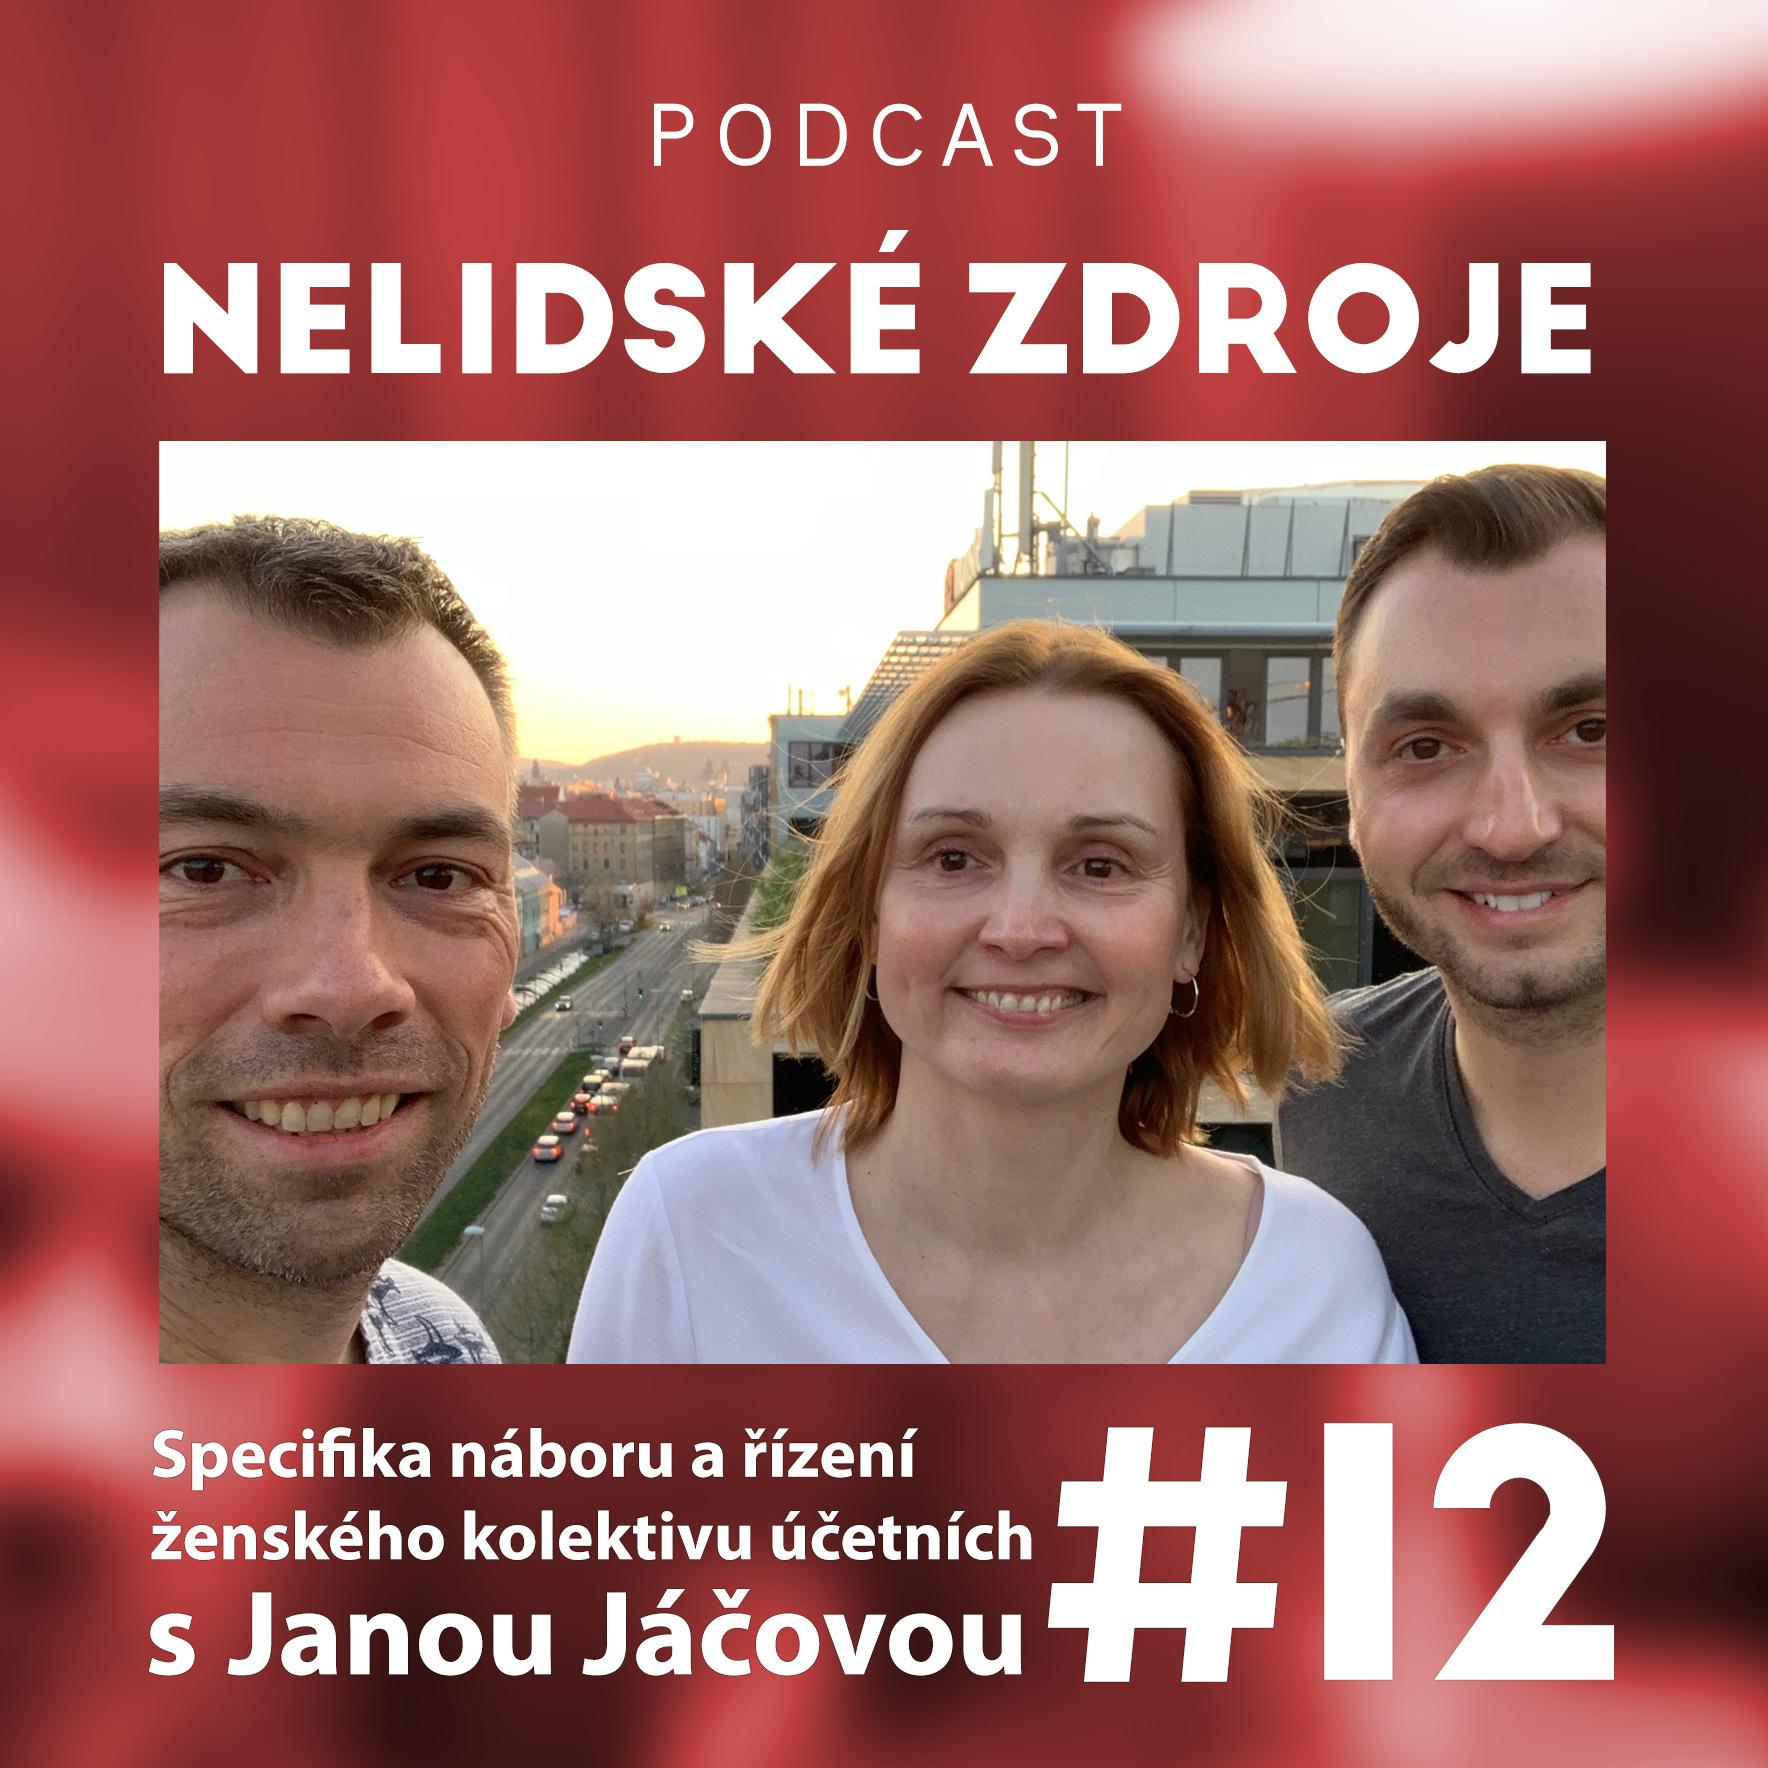 12: Specifika náboru a řízení ženského kolektivu účetních s Janou Jáčovou (UOL Účetnictví)